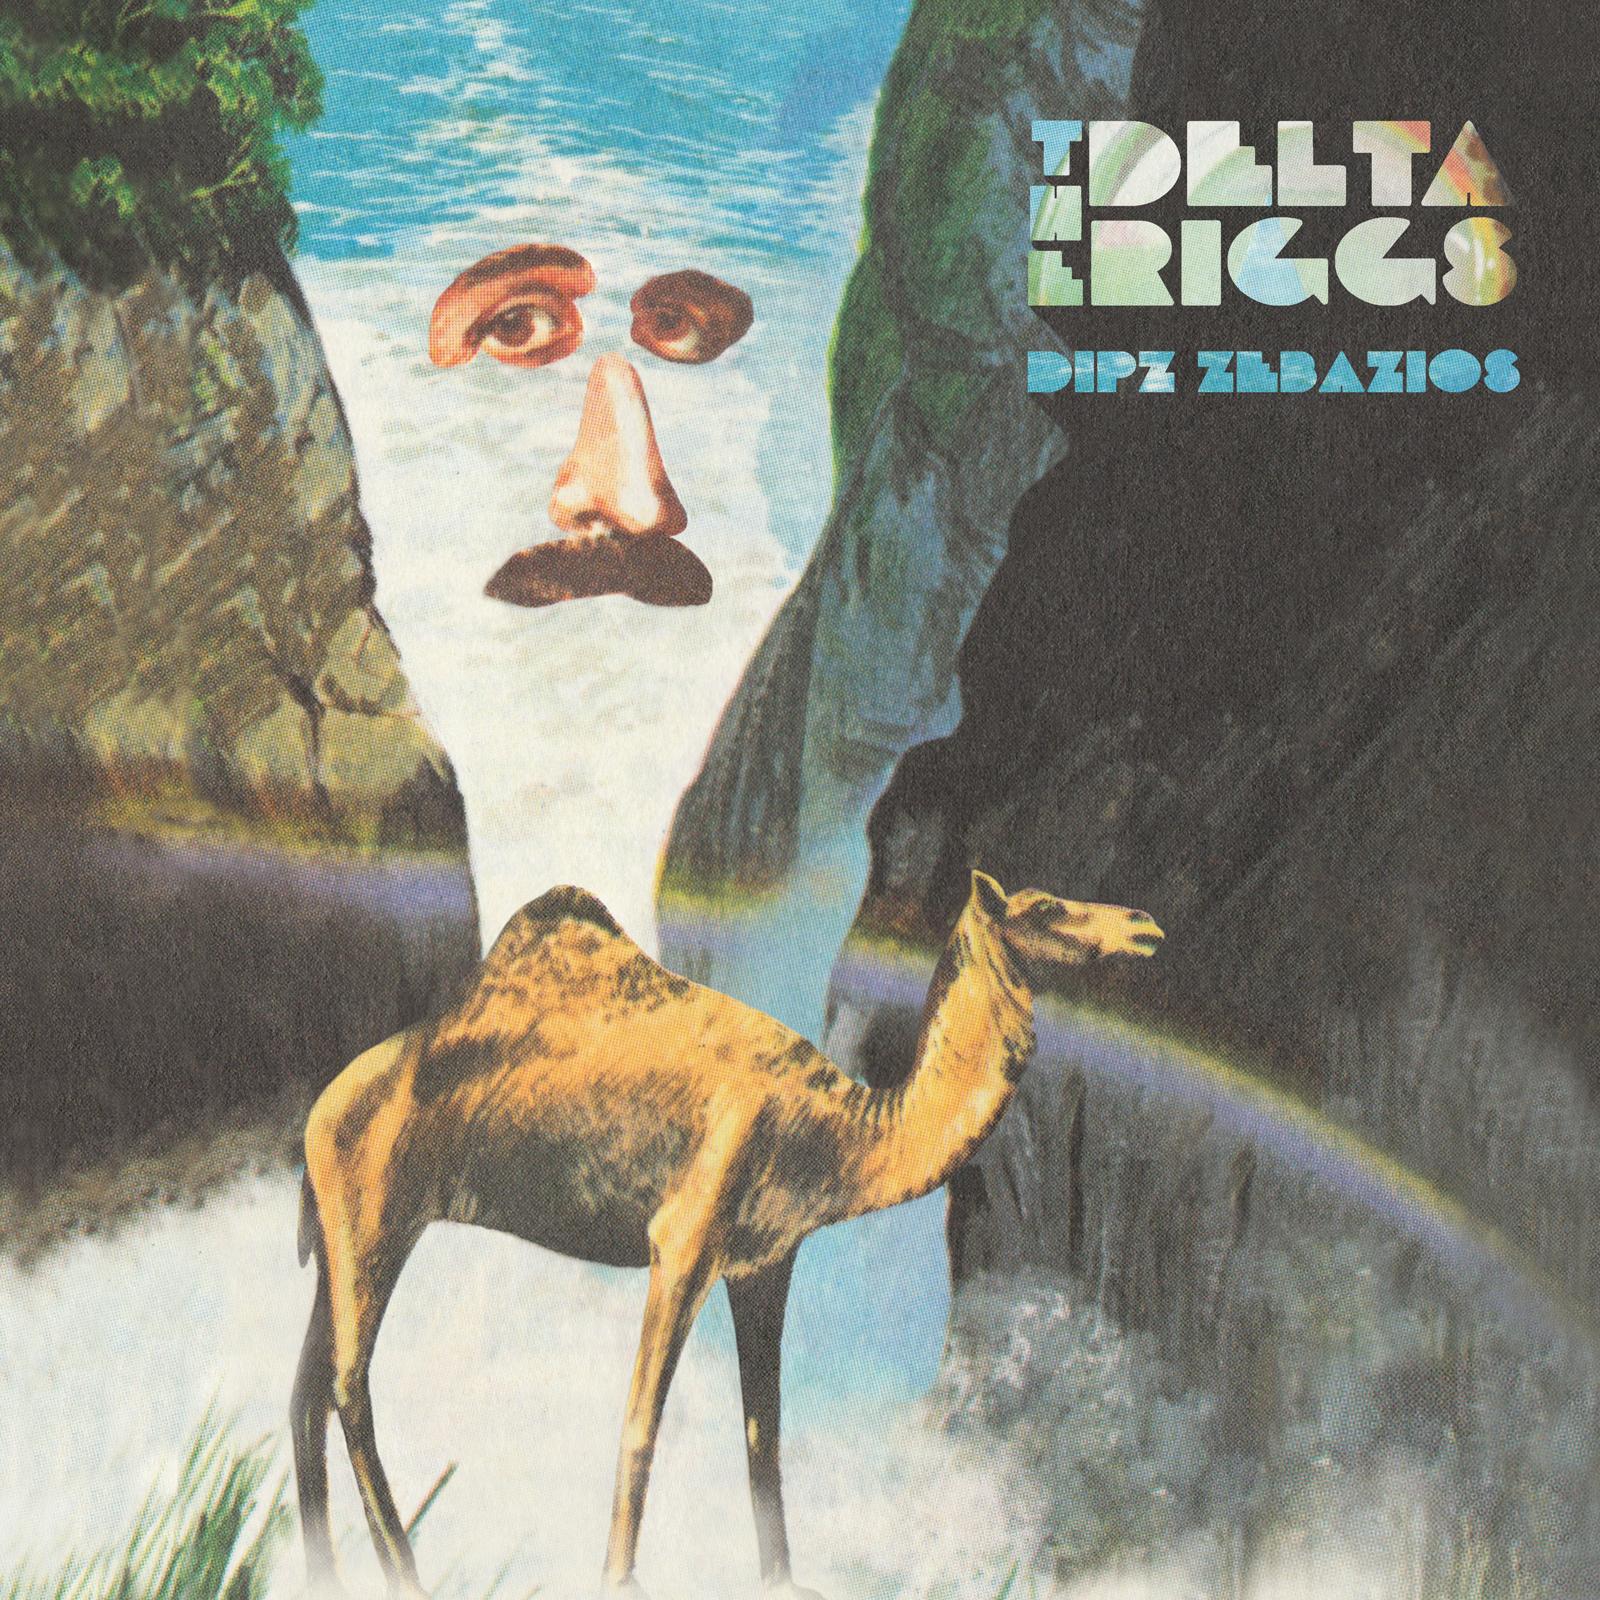 The Delta Riggs - DipzZebazios